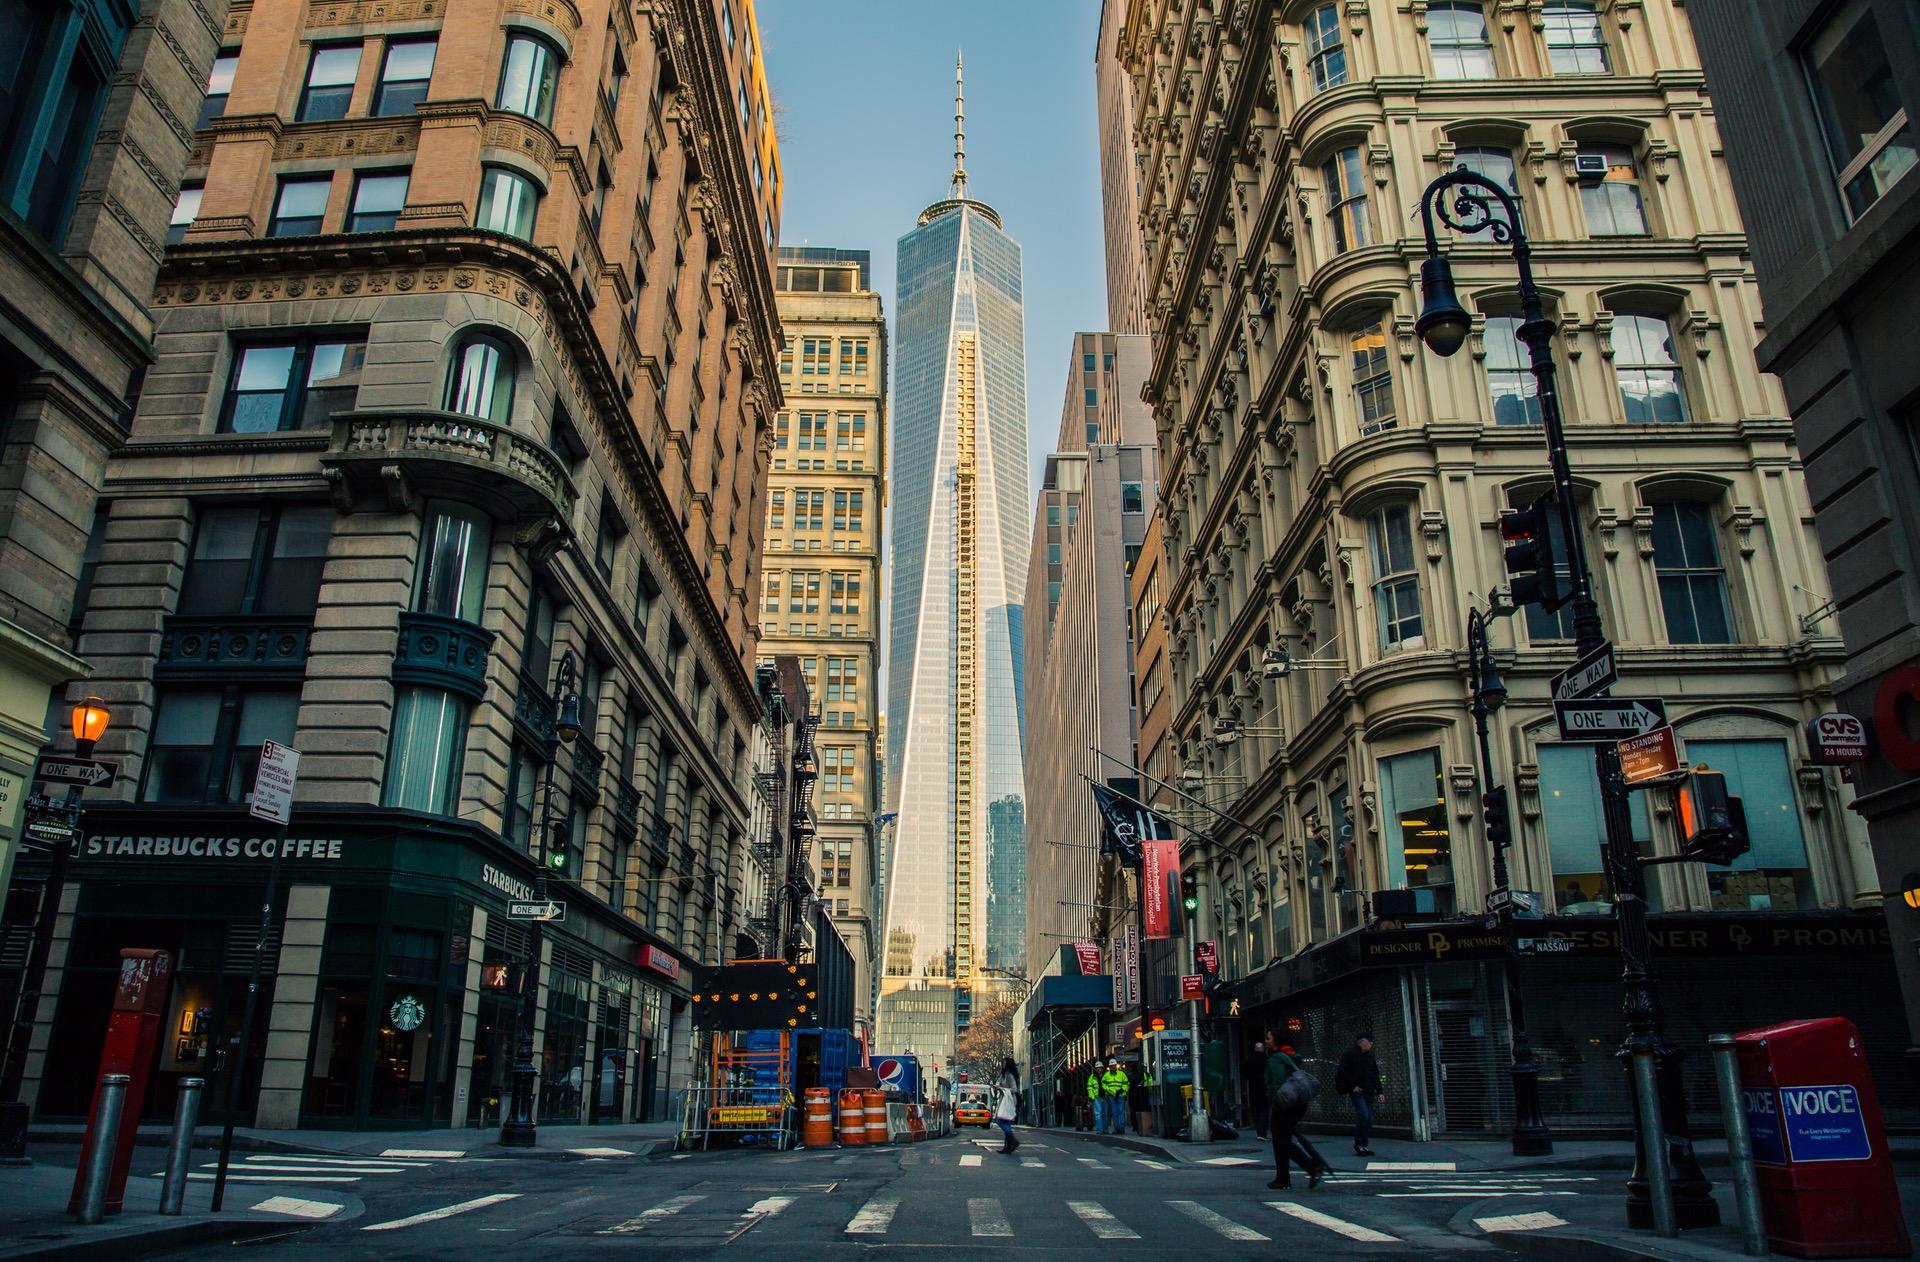 city-road-street-buildings